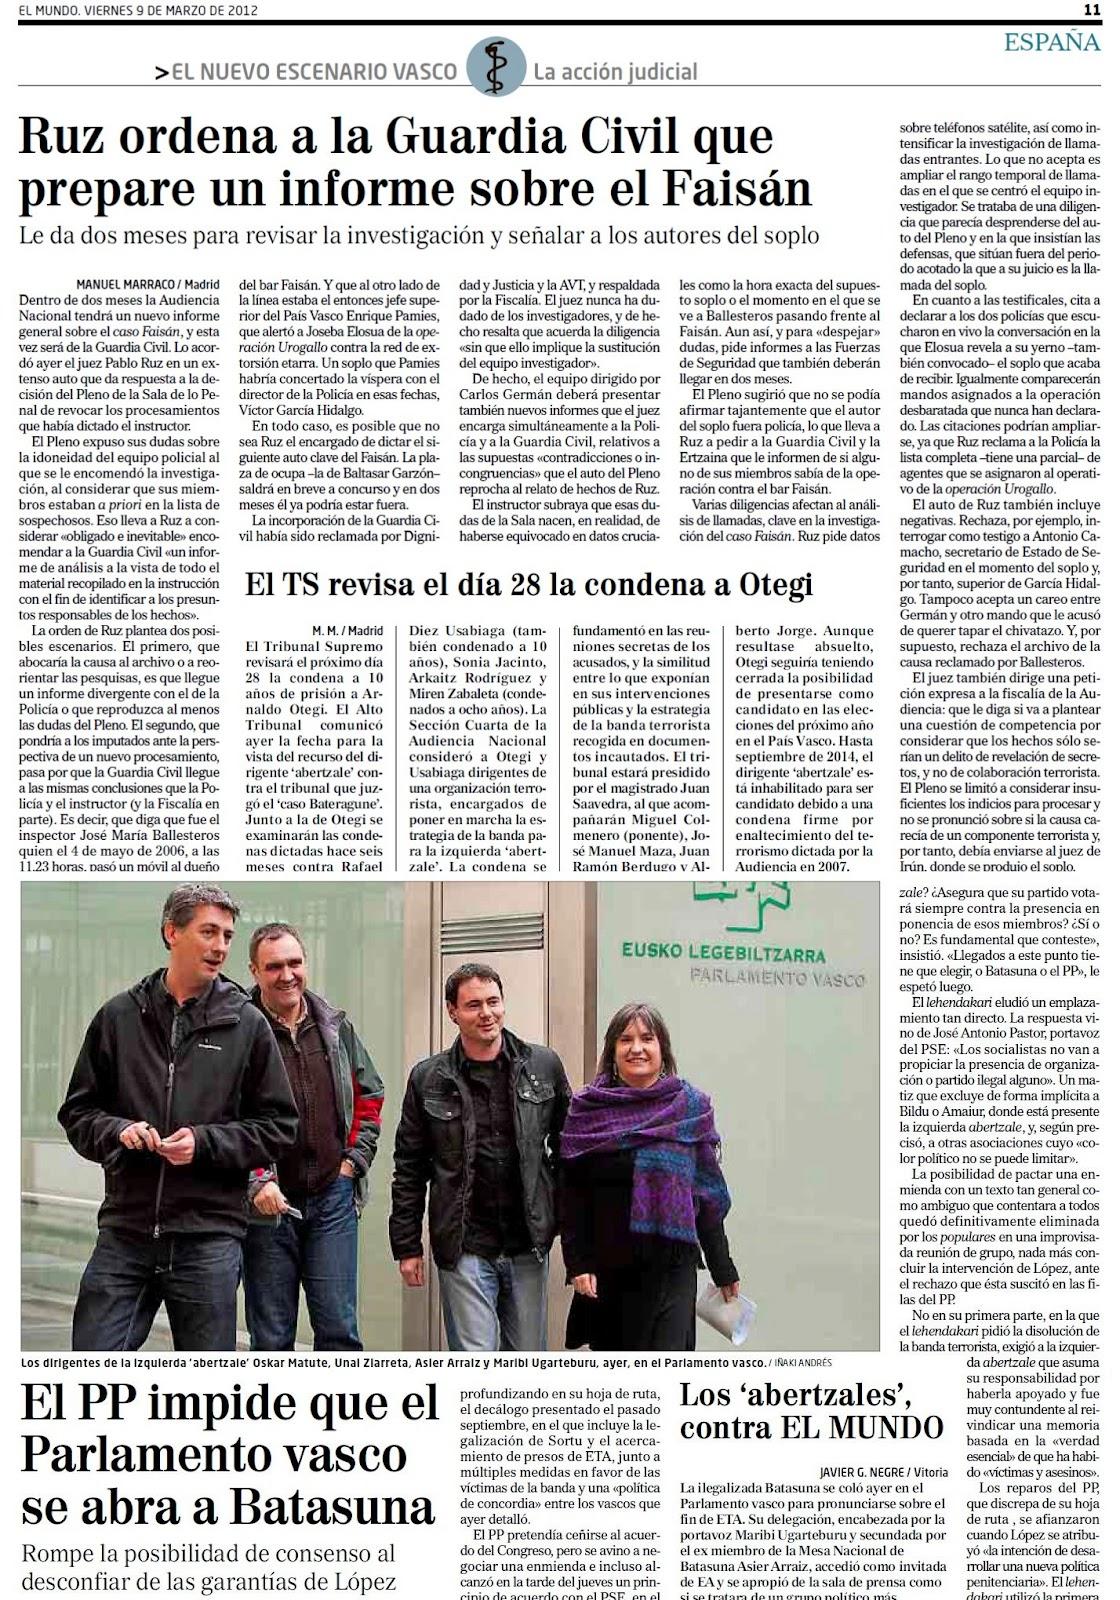 No falla: juez socialista, prevaricador de oficio. El Presidente del TSJC lo puso el PSOE de Montilla... así luce su sentencia